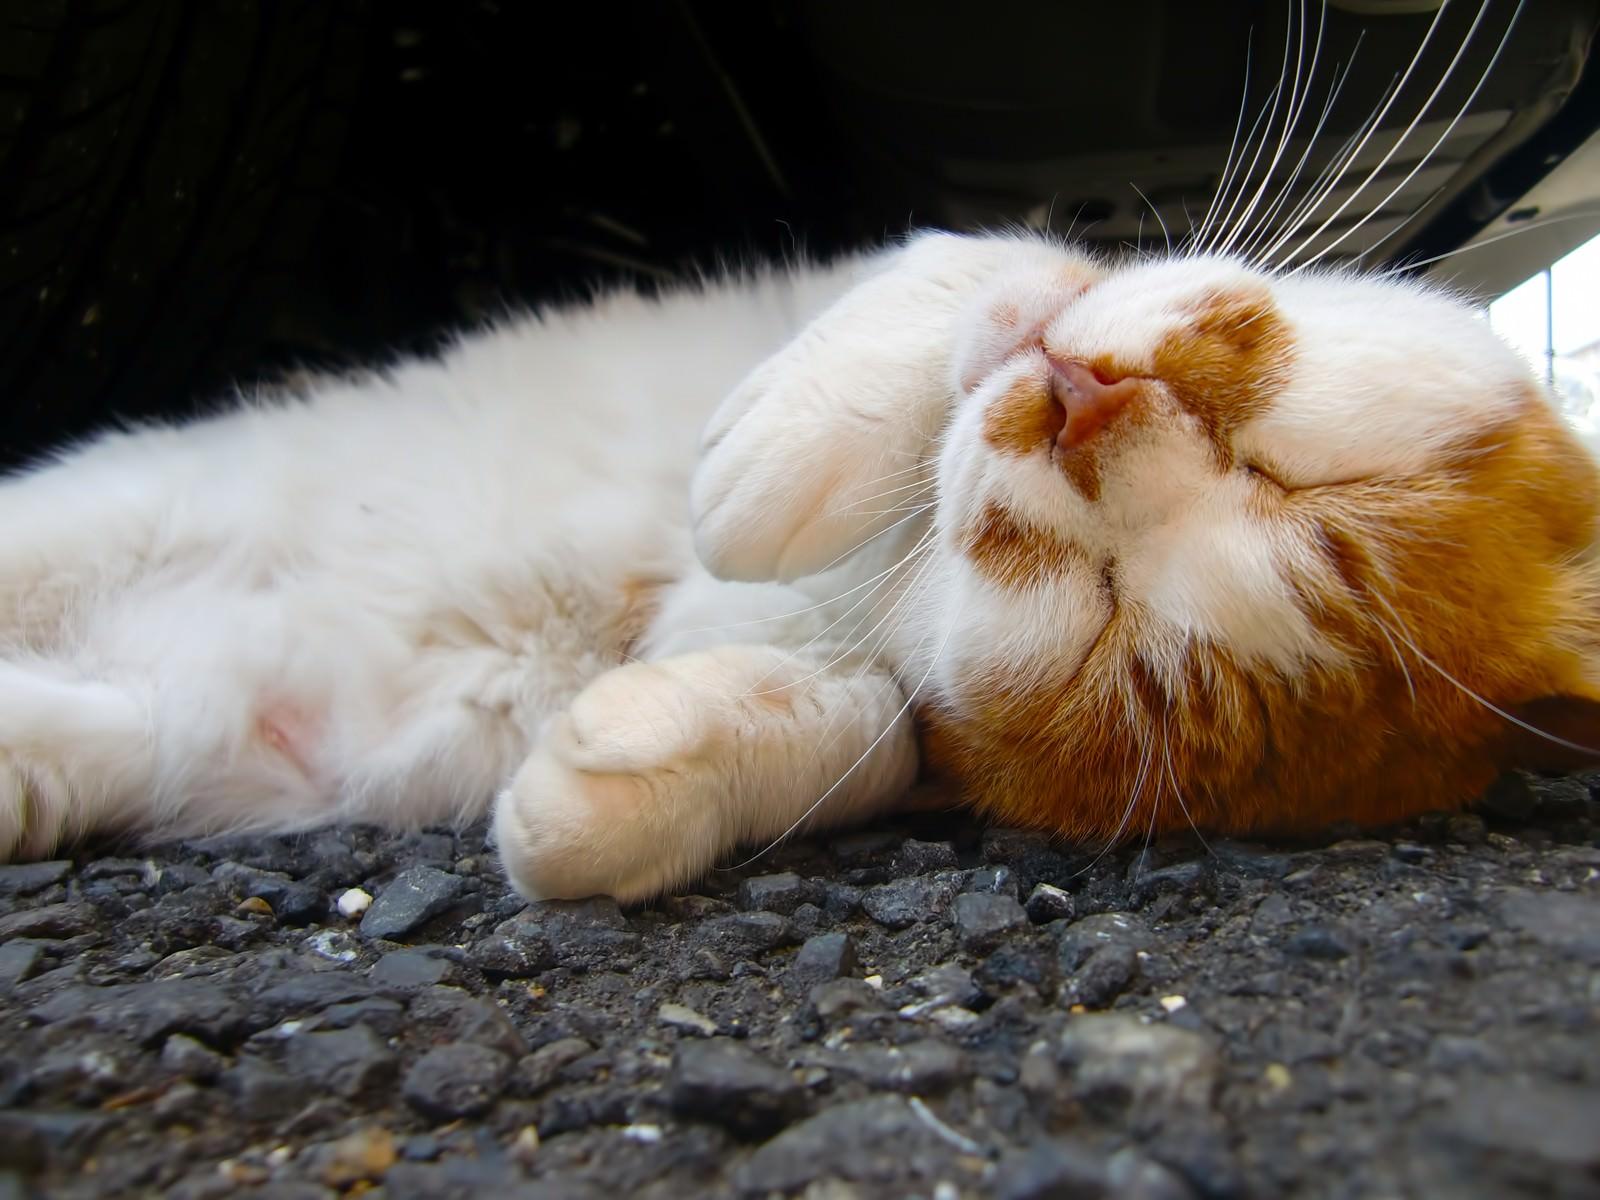 「寝返りする猫」の写真